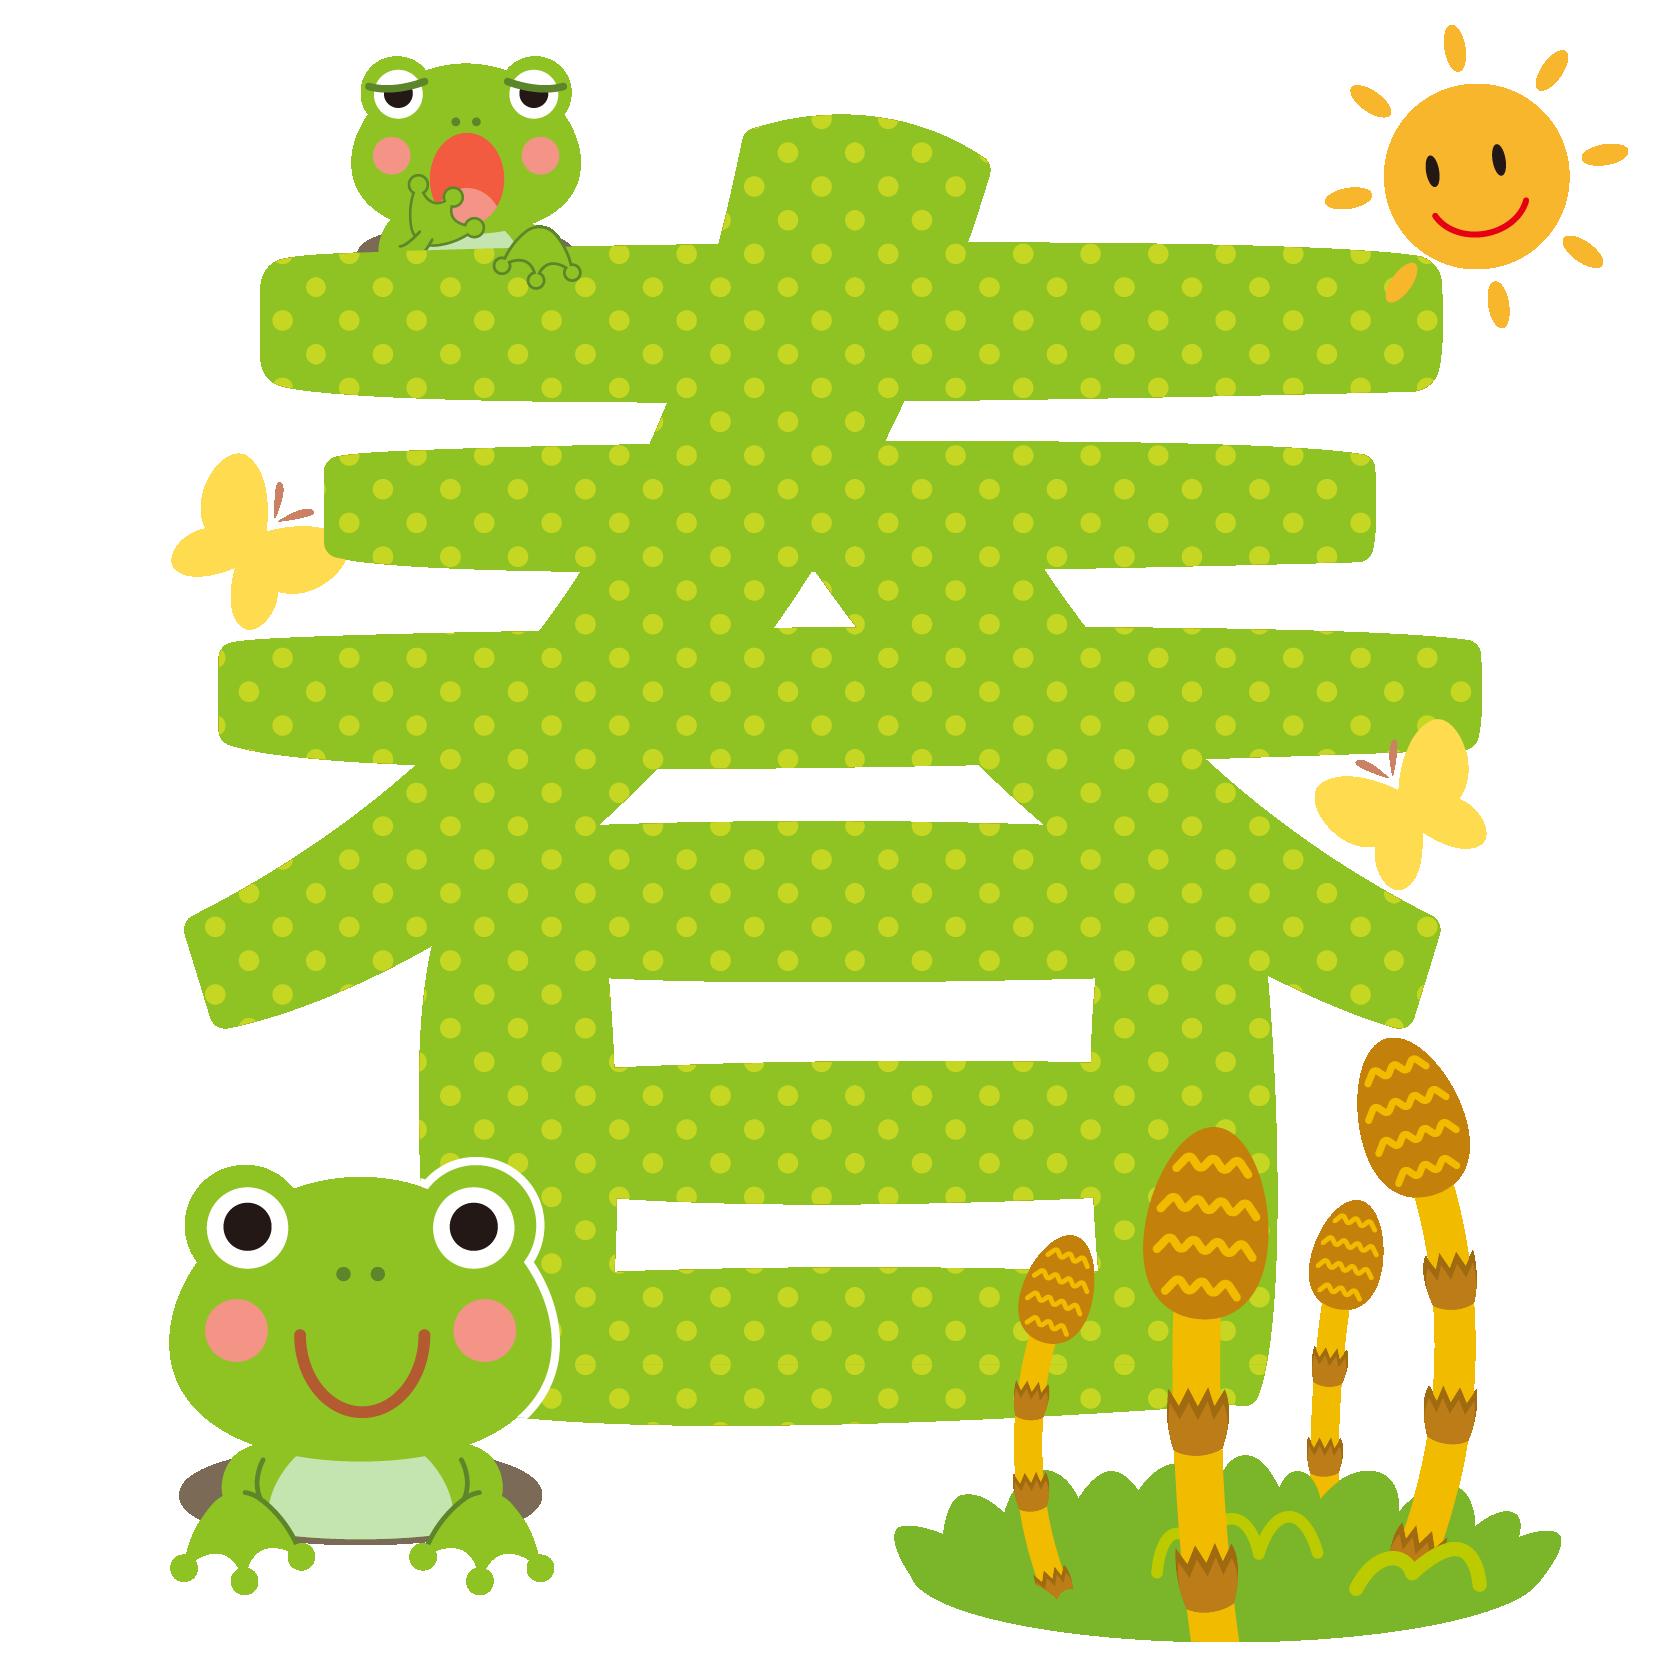 商用フリー・無料イラスト_春の文字(漢字)_ちょう_カエル_つくし_Spring_keichitsu028